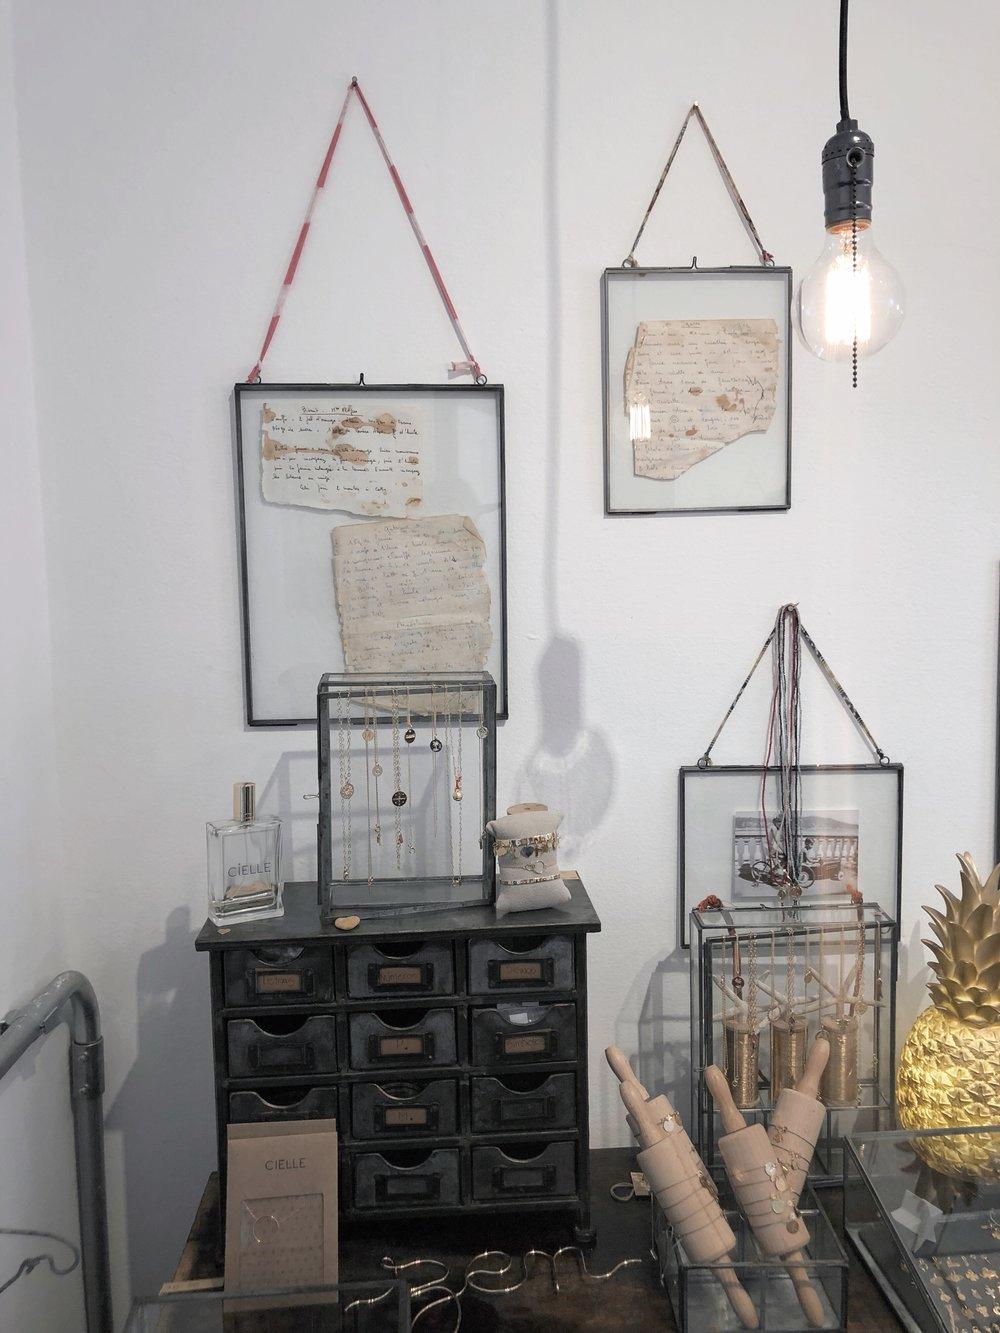 maison-cielle-design-bijoux-lolla12.JPG